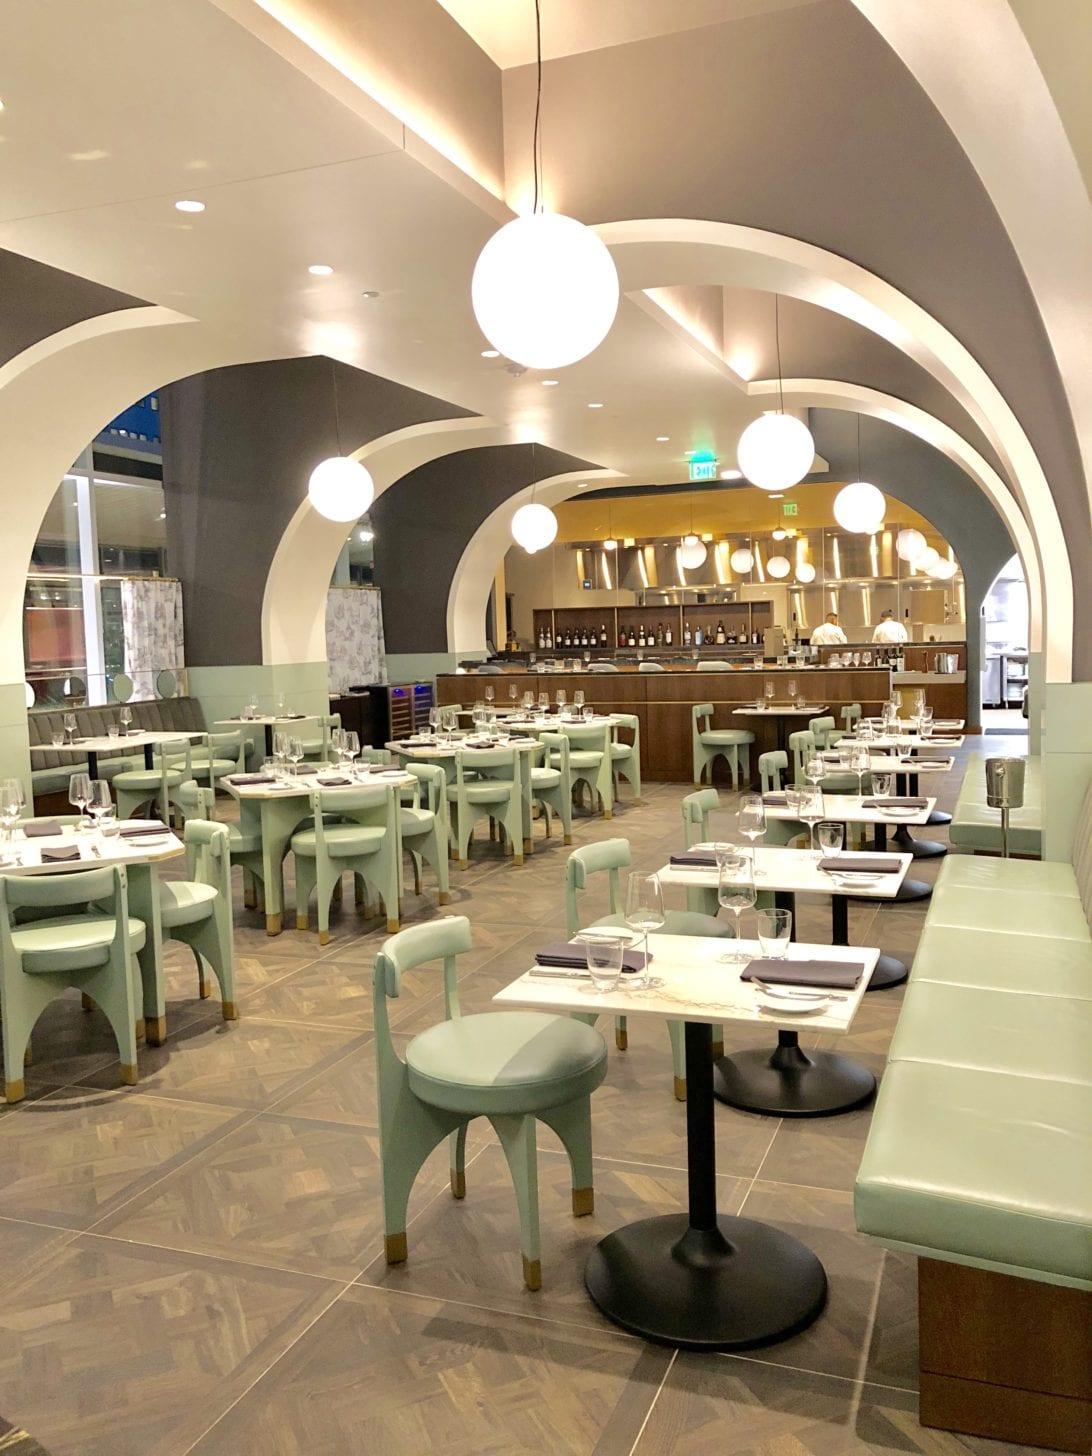 hotel Alessandra, luxury hotel, downtown Houston, Houston hotels, hotels for couples, staycation hotel, Lucienne, 5 star restaurant